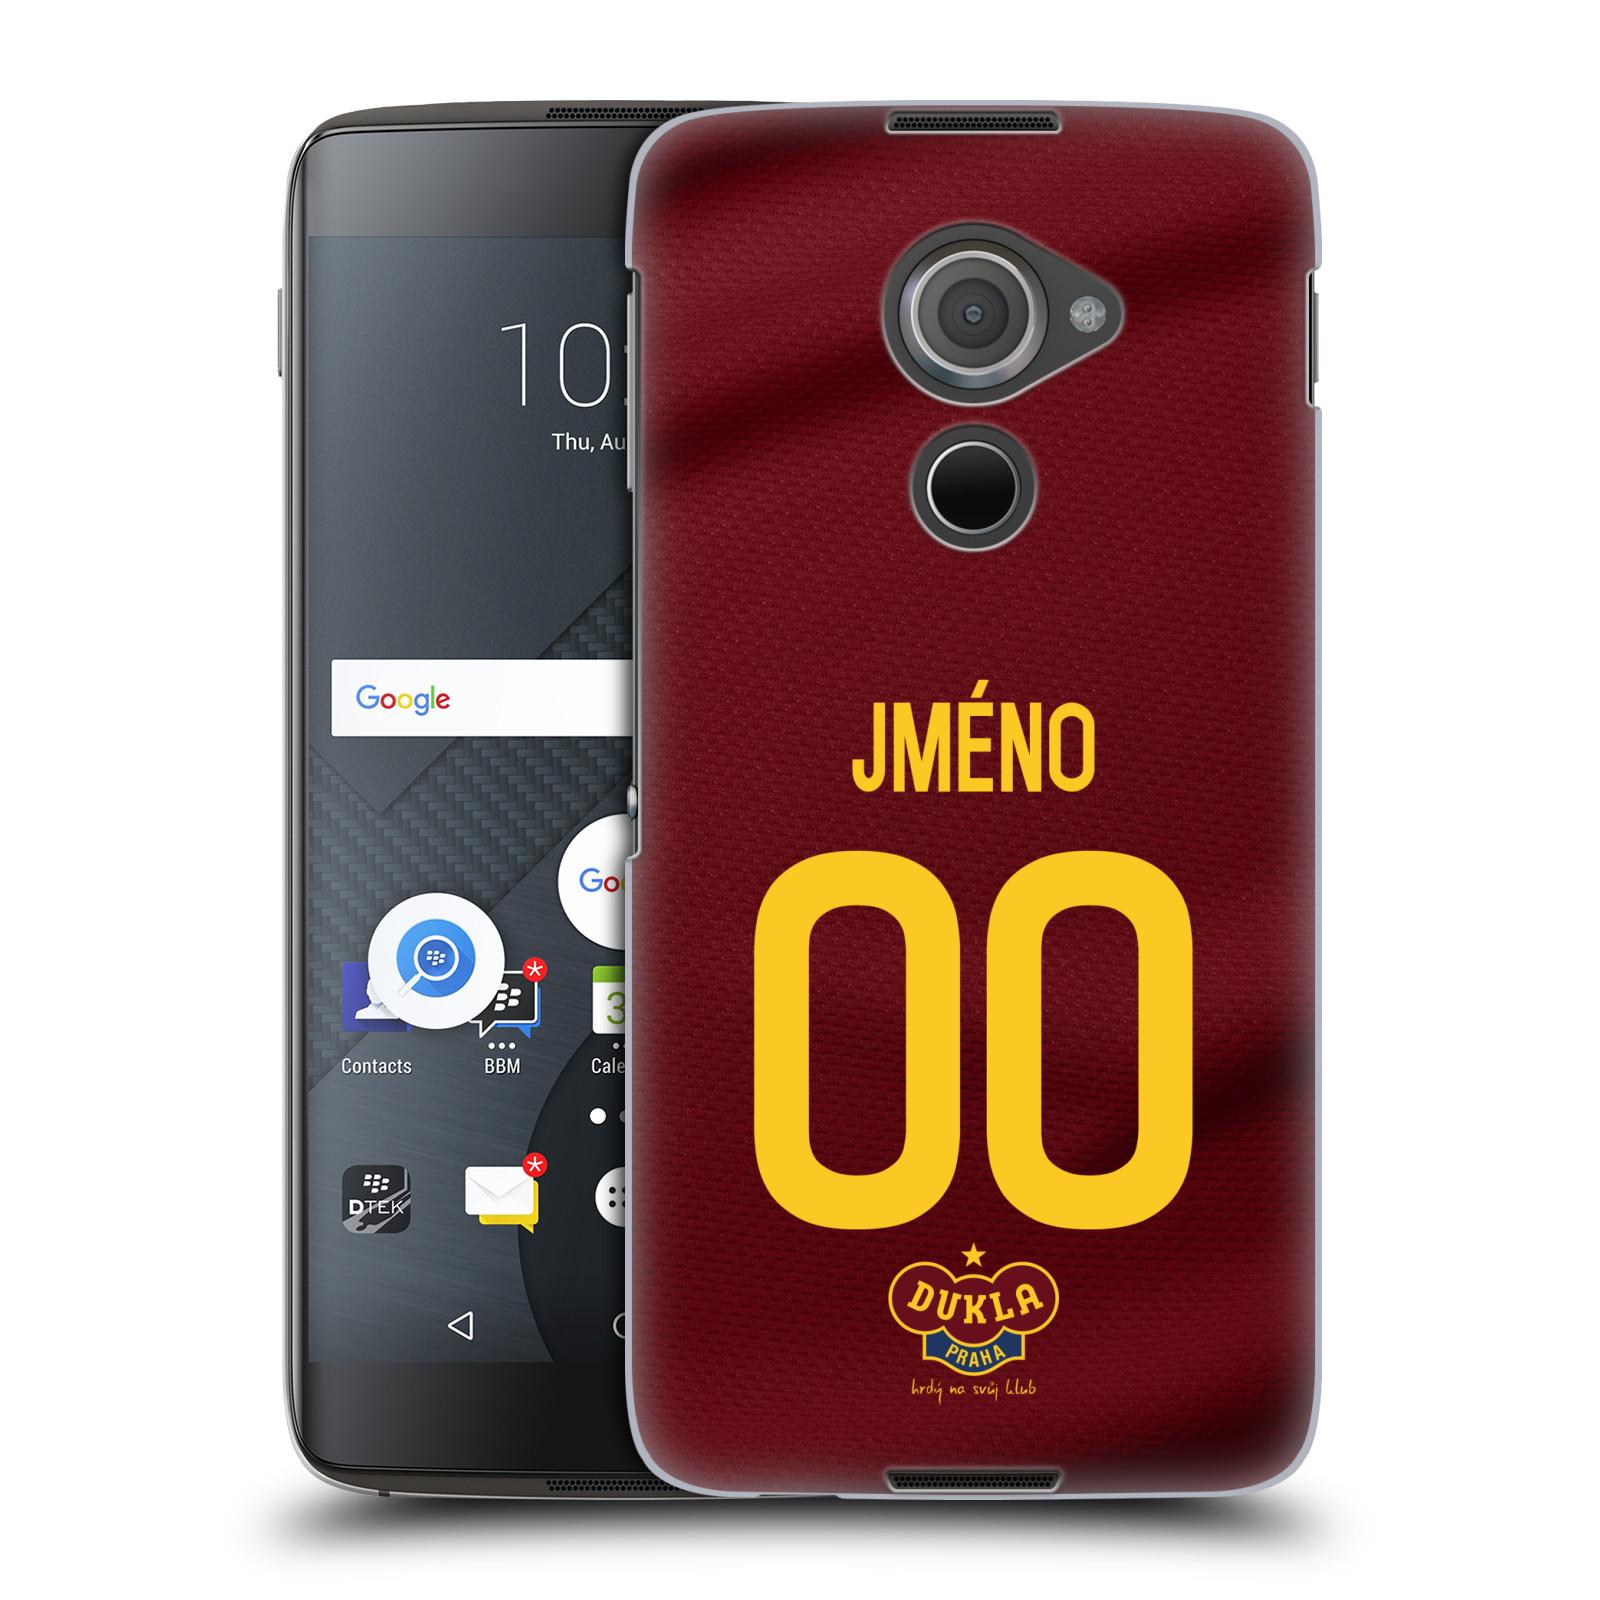 Plastové pouzdro na mobil Blackberry DTEK60 (Argon) - FK Dukla Praha - dres s vlastním jménem a číslem